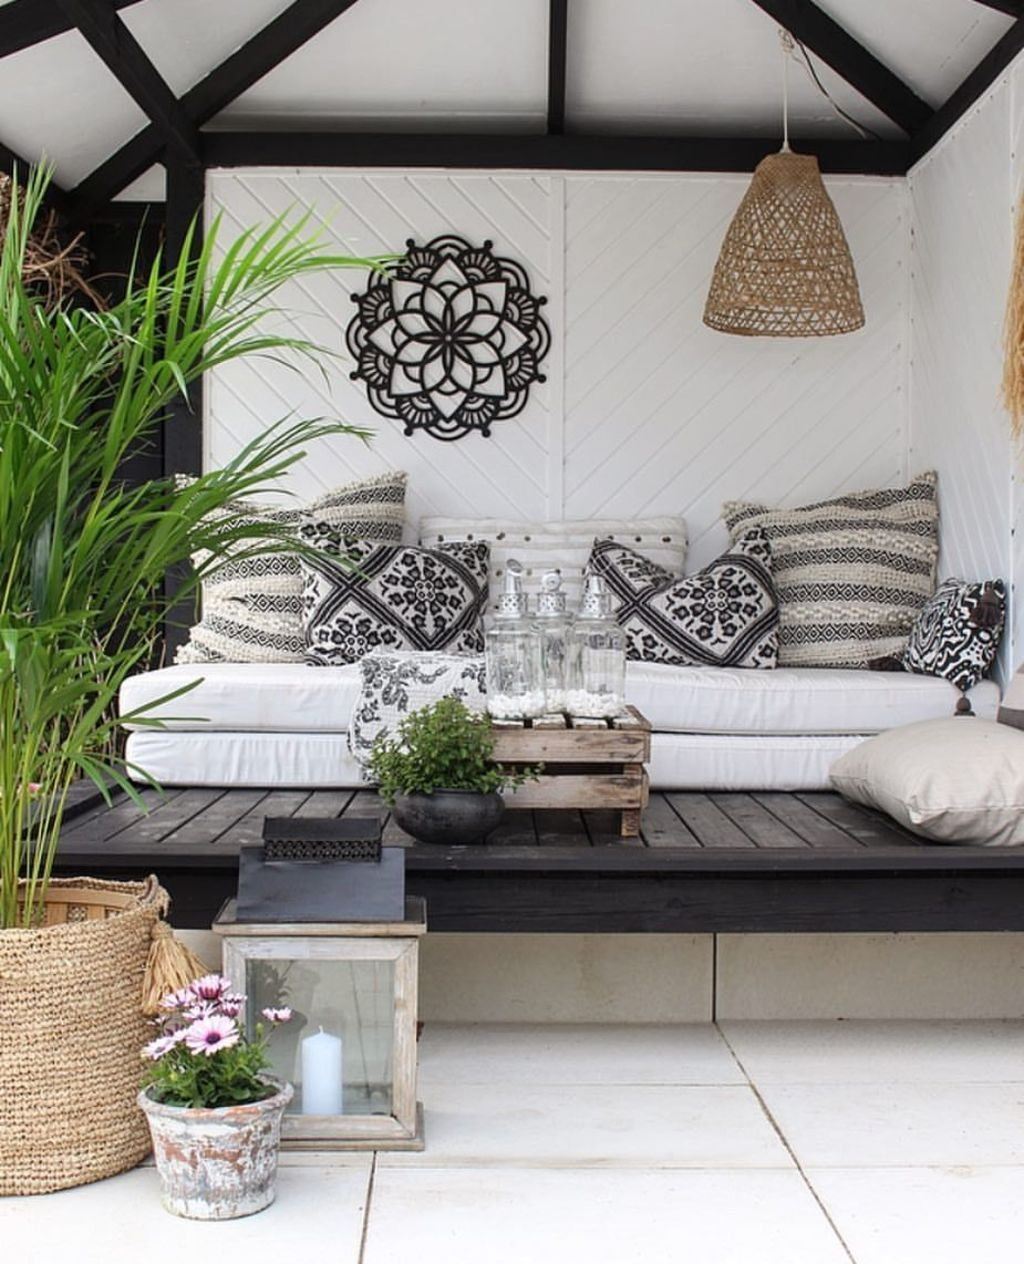 35 Fabulous Porch Design Ideas In 2020 Back Porch Designs Patio Decor Outdoor Patio Decor